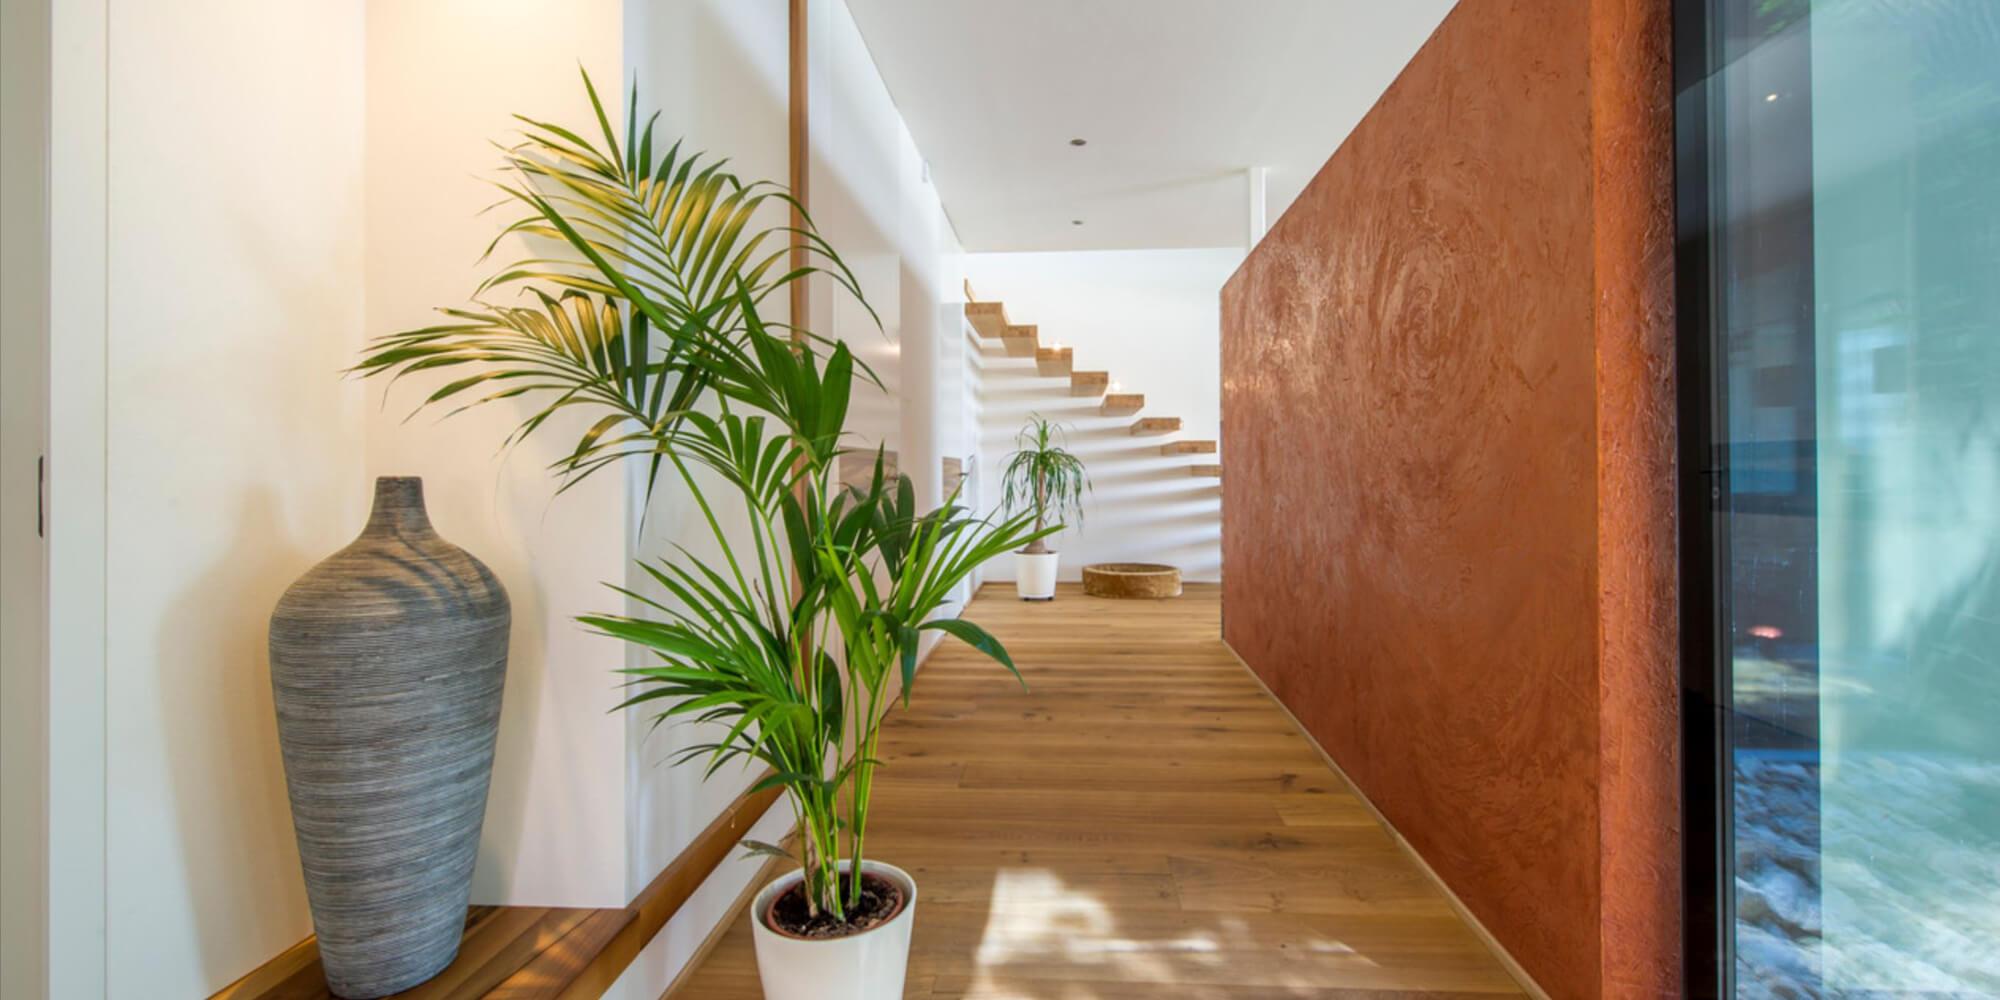 Cre-Plan-Design-Rauch-Frühmann-Architektur-Innenarchitektur-Design-Projekt-Referenz-Innenarchitektur-Möbeldesign-Einrichtung-Gang